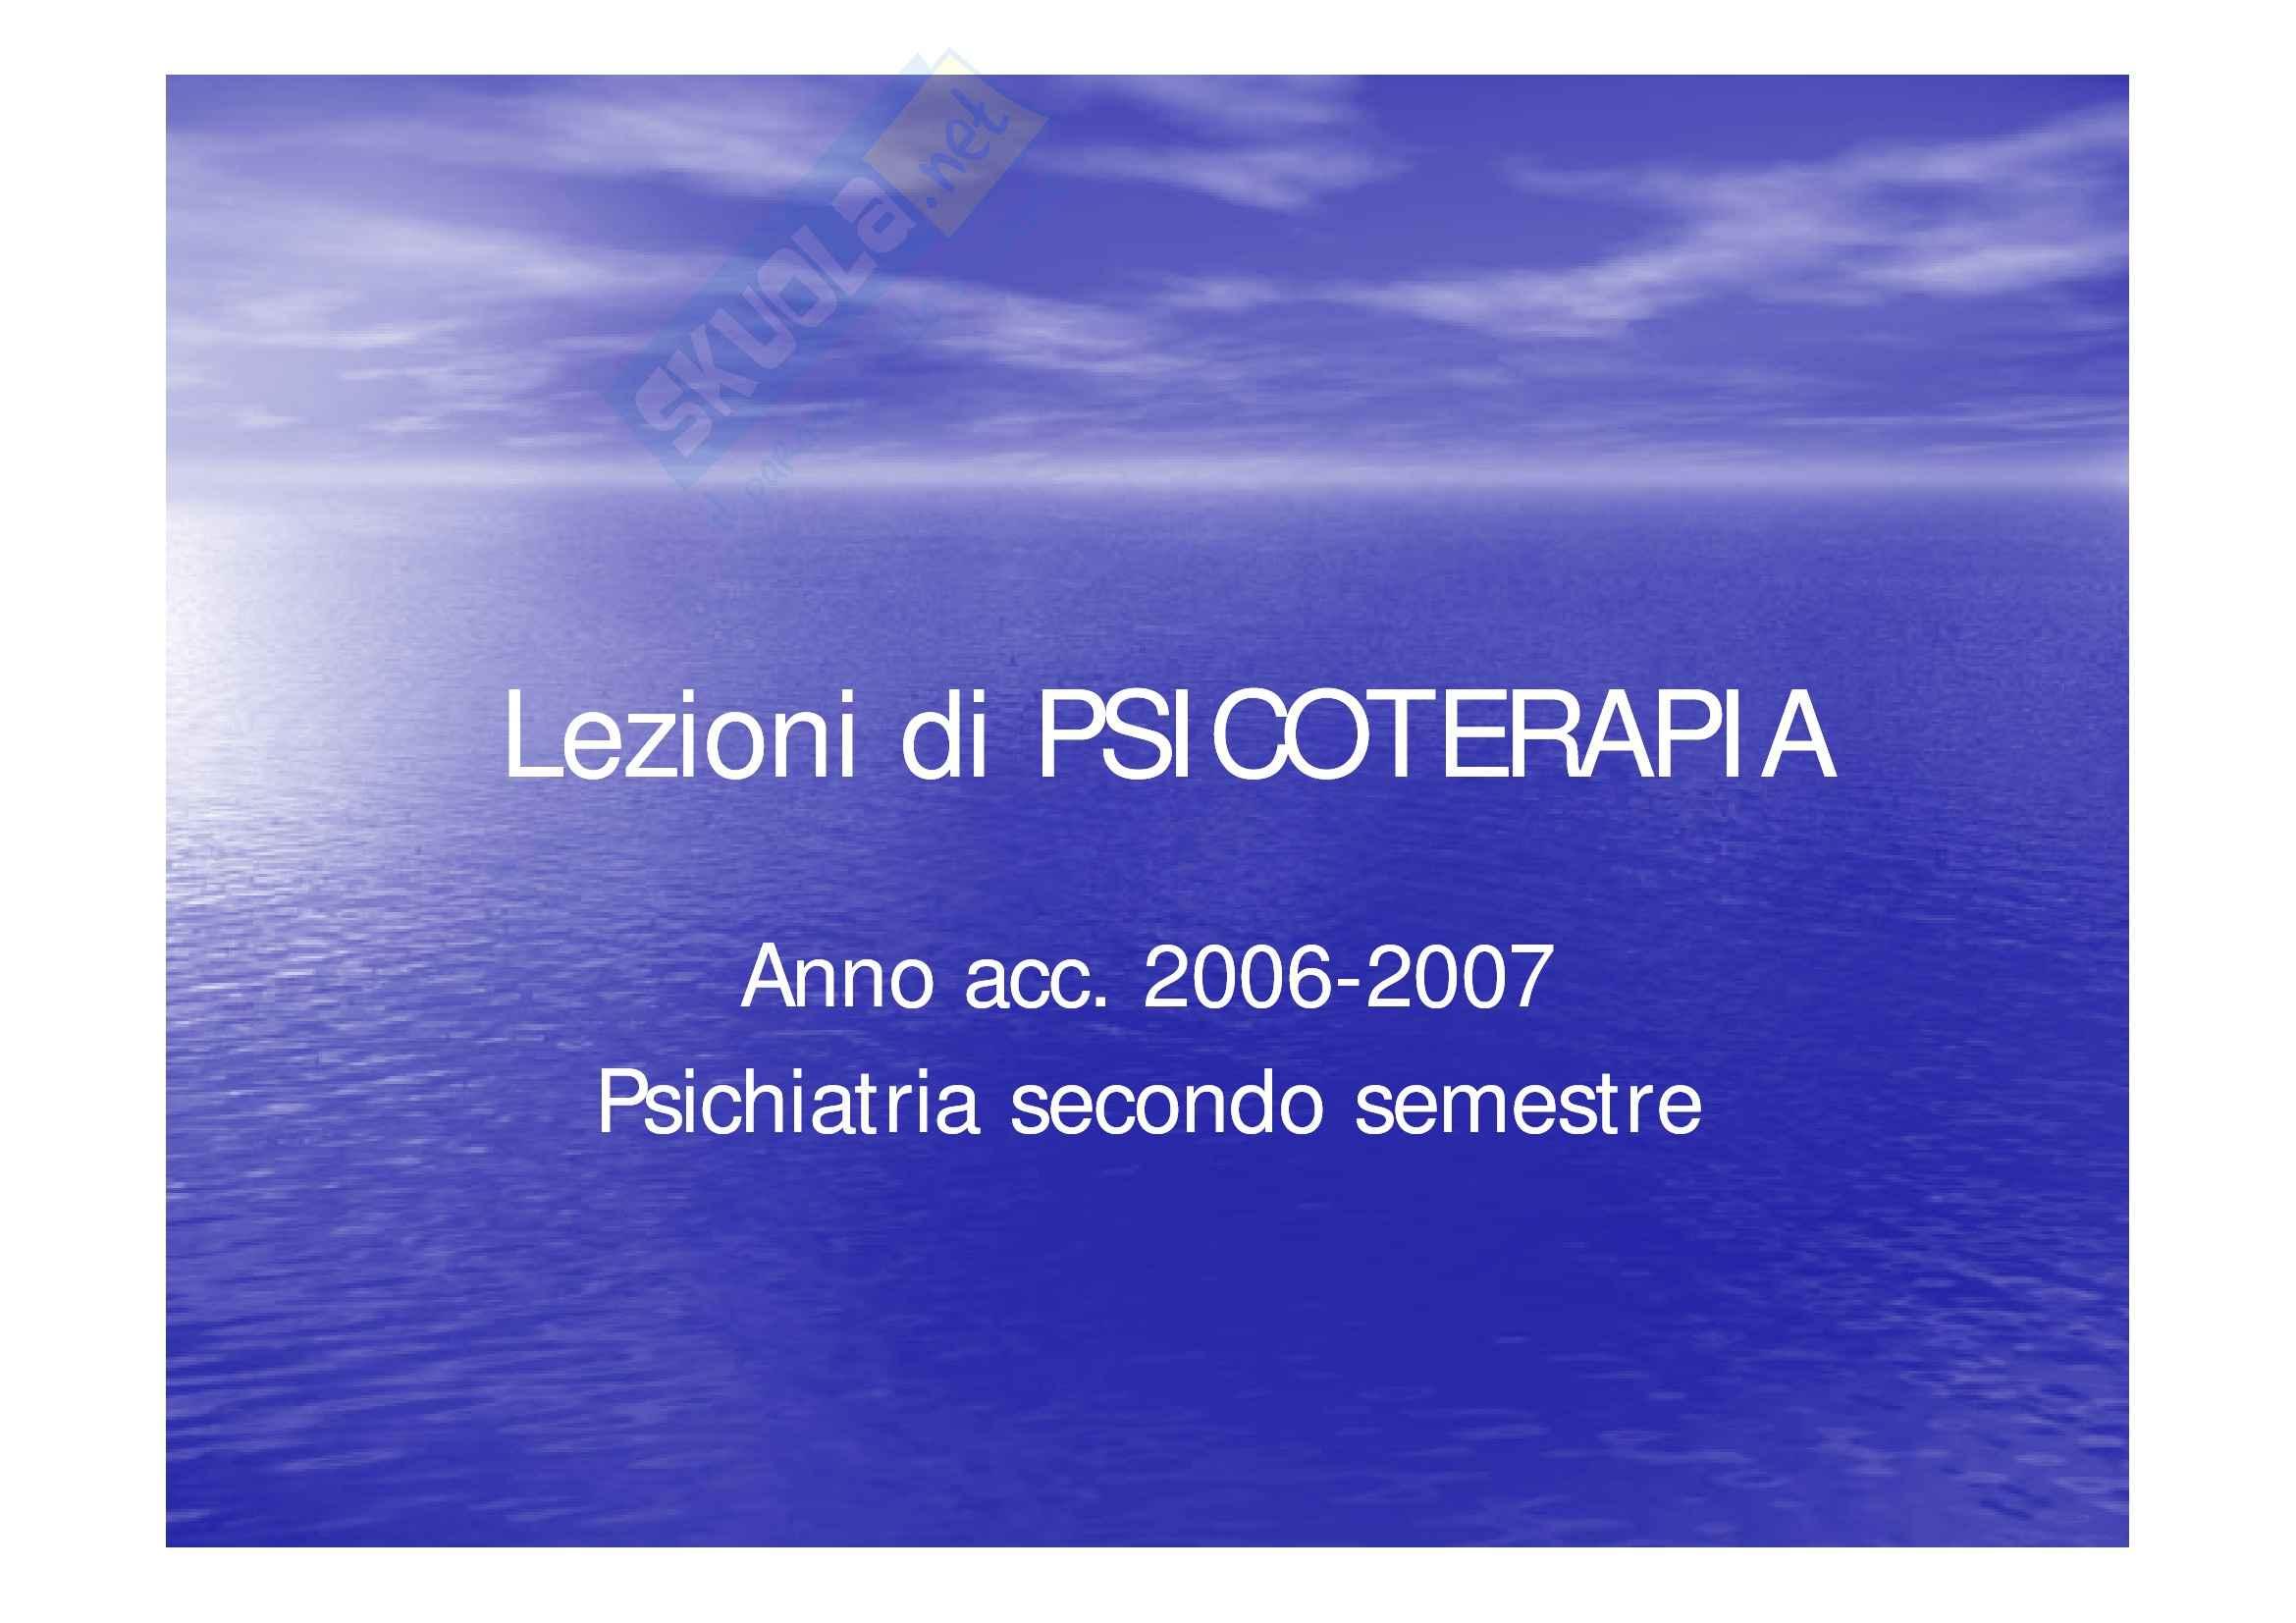 Scienze psichiatriche - Psicoterapia